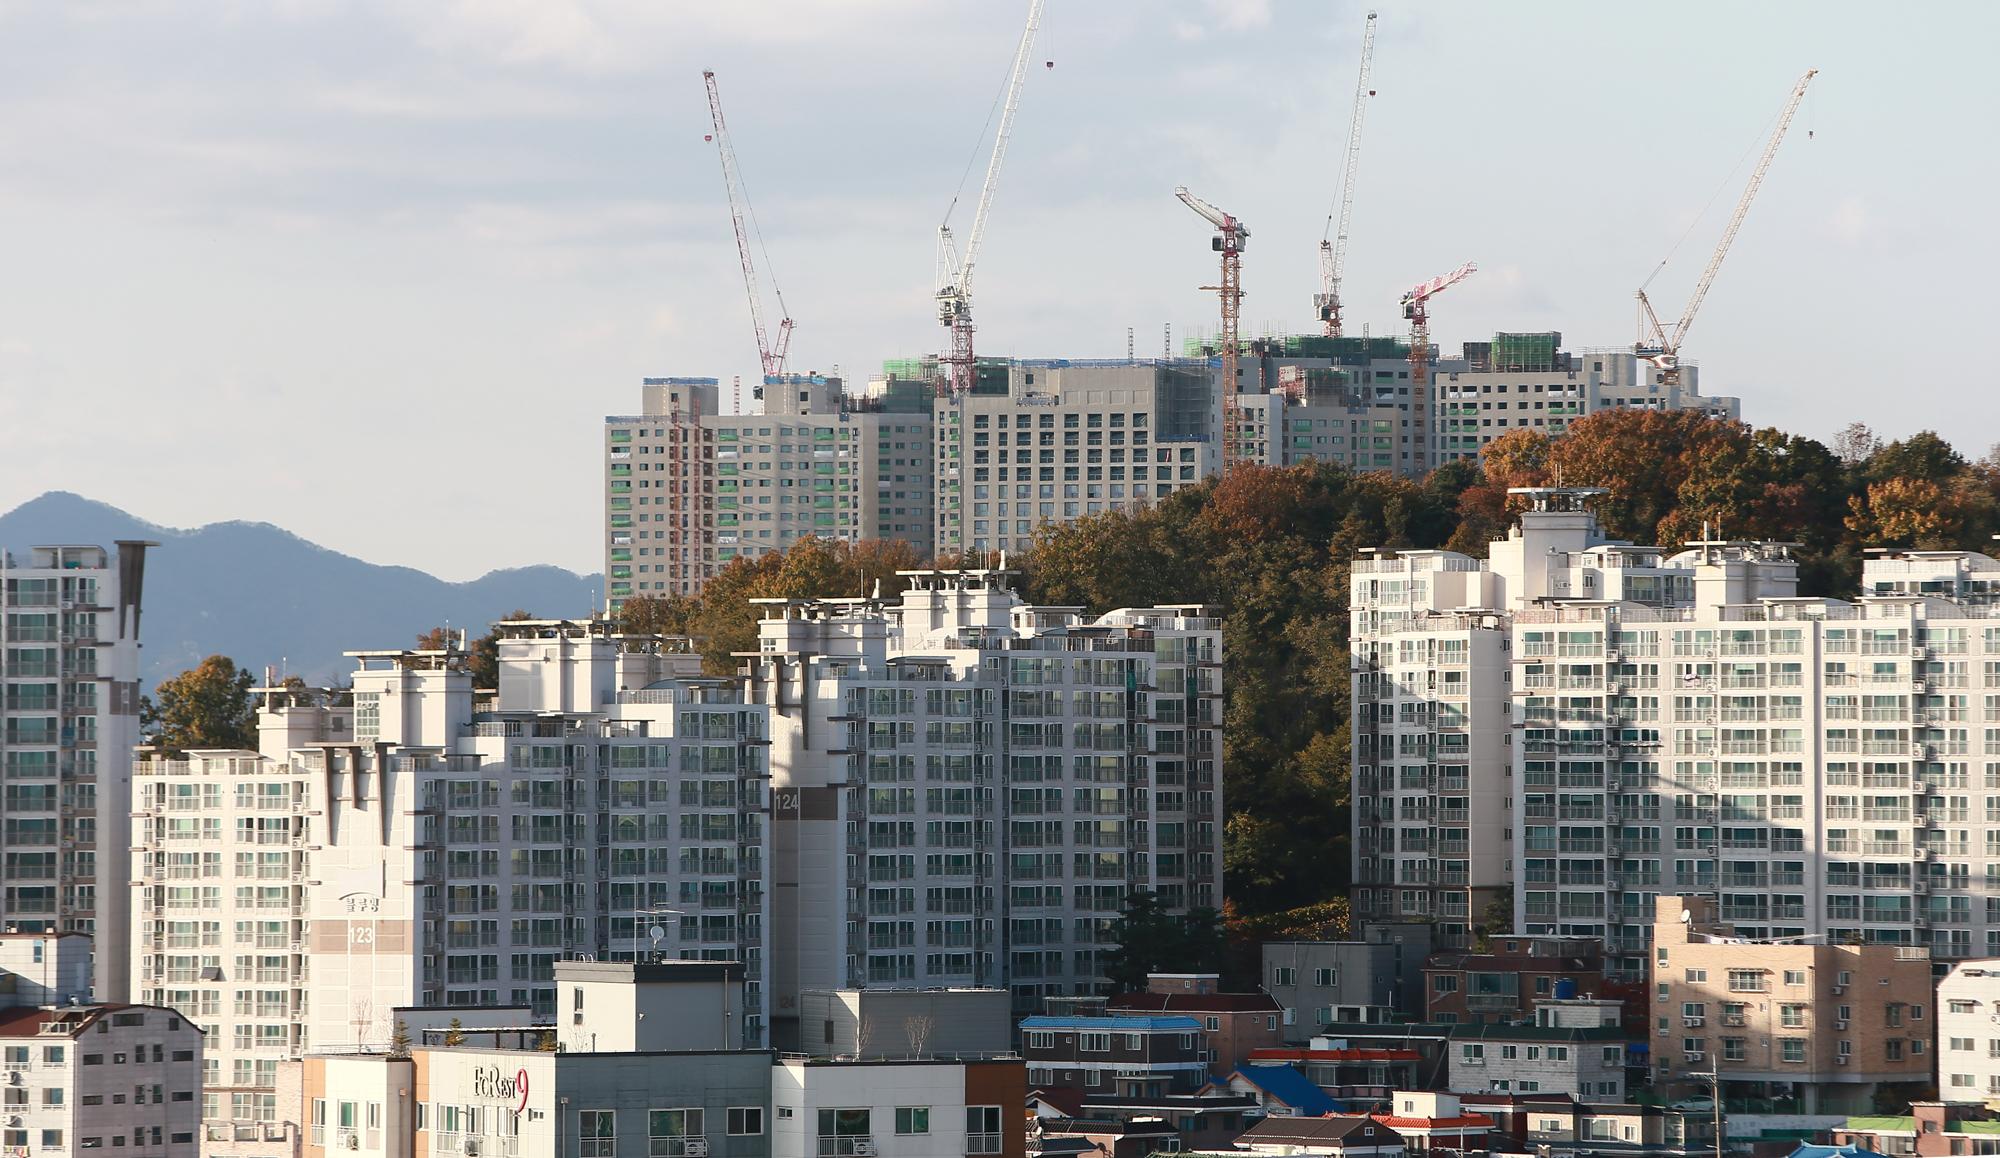 경기도는 올해 저소득층 주거 안정을 위해 총 4만3,000호의 공공임대주택을 공급할 계획이다.